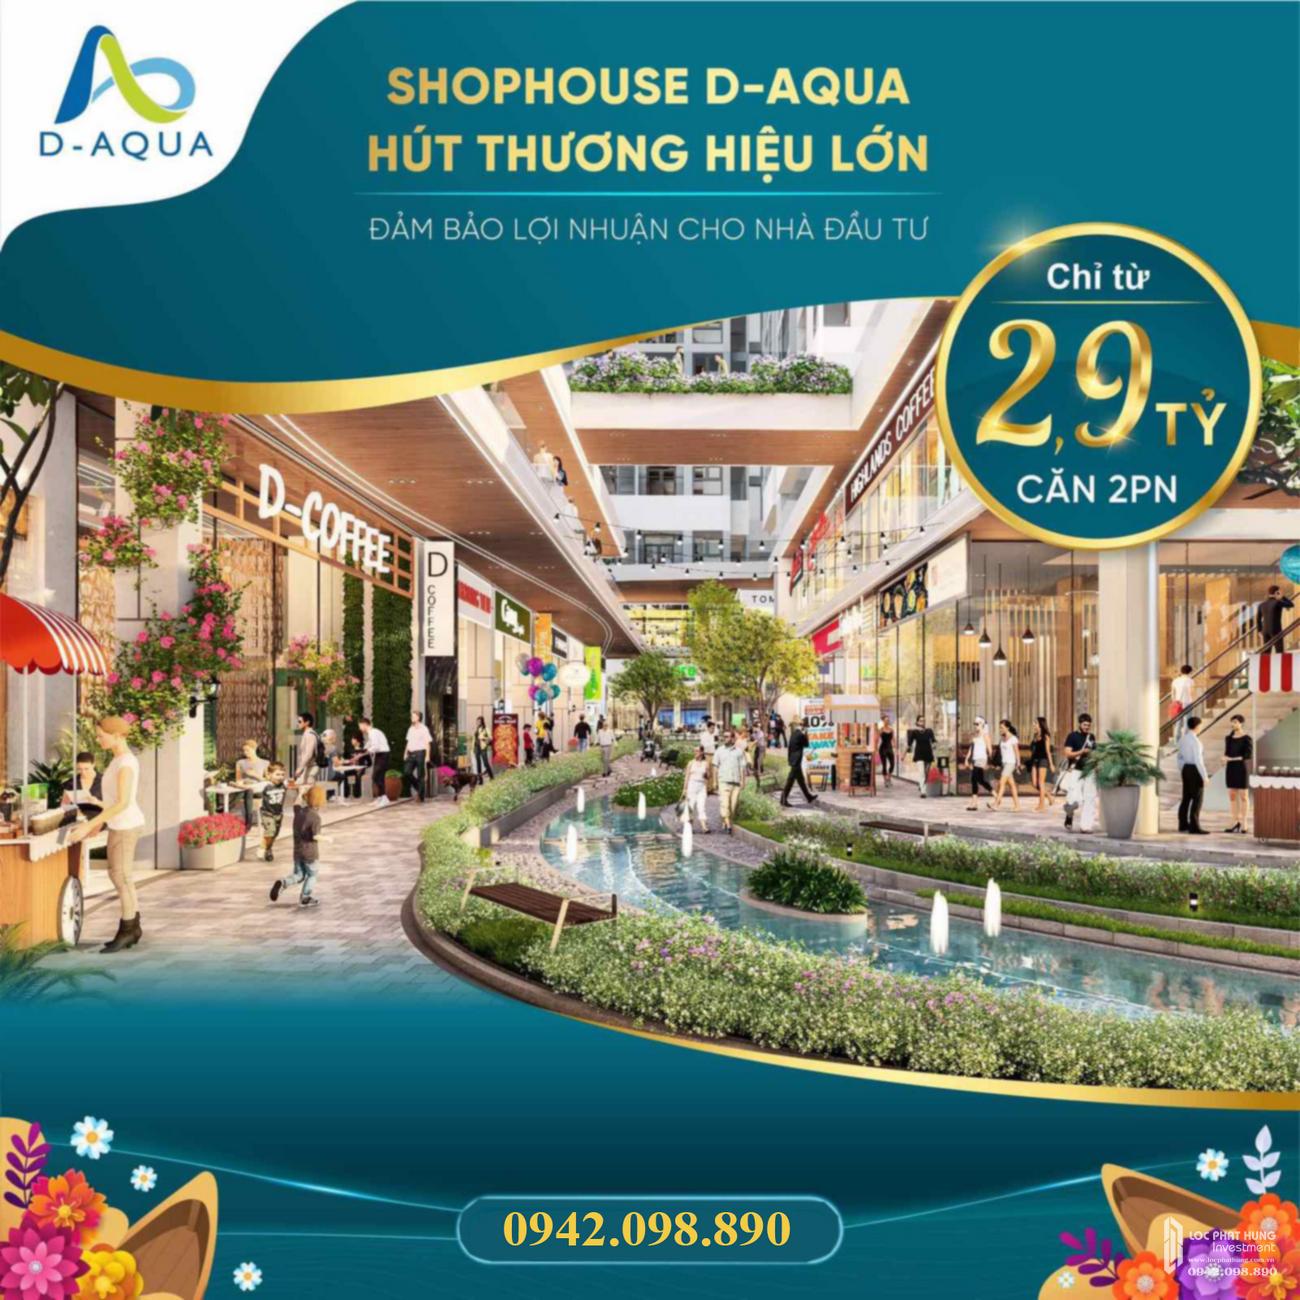 Shophouse D-aqua